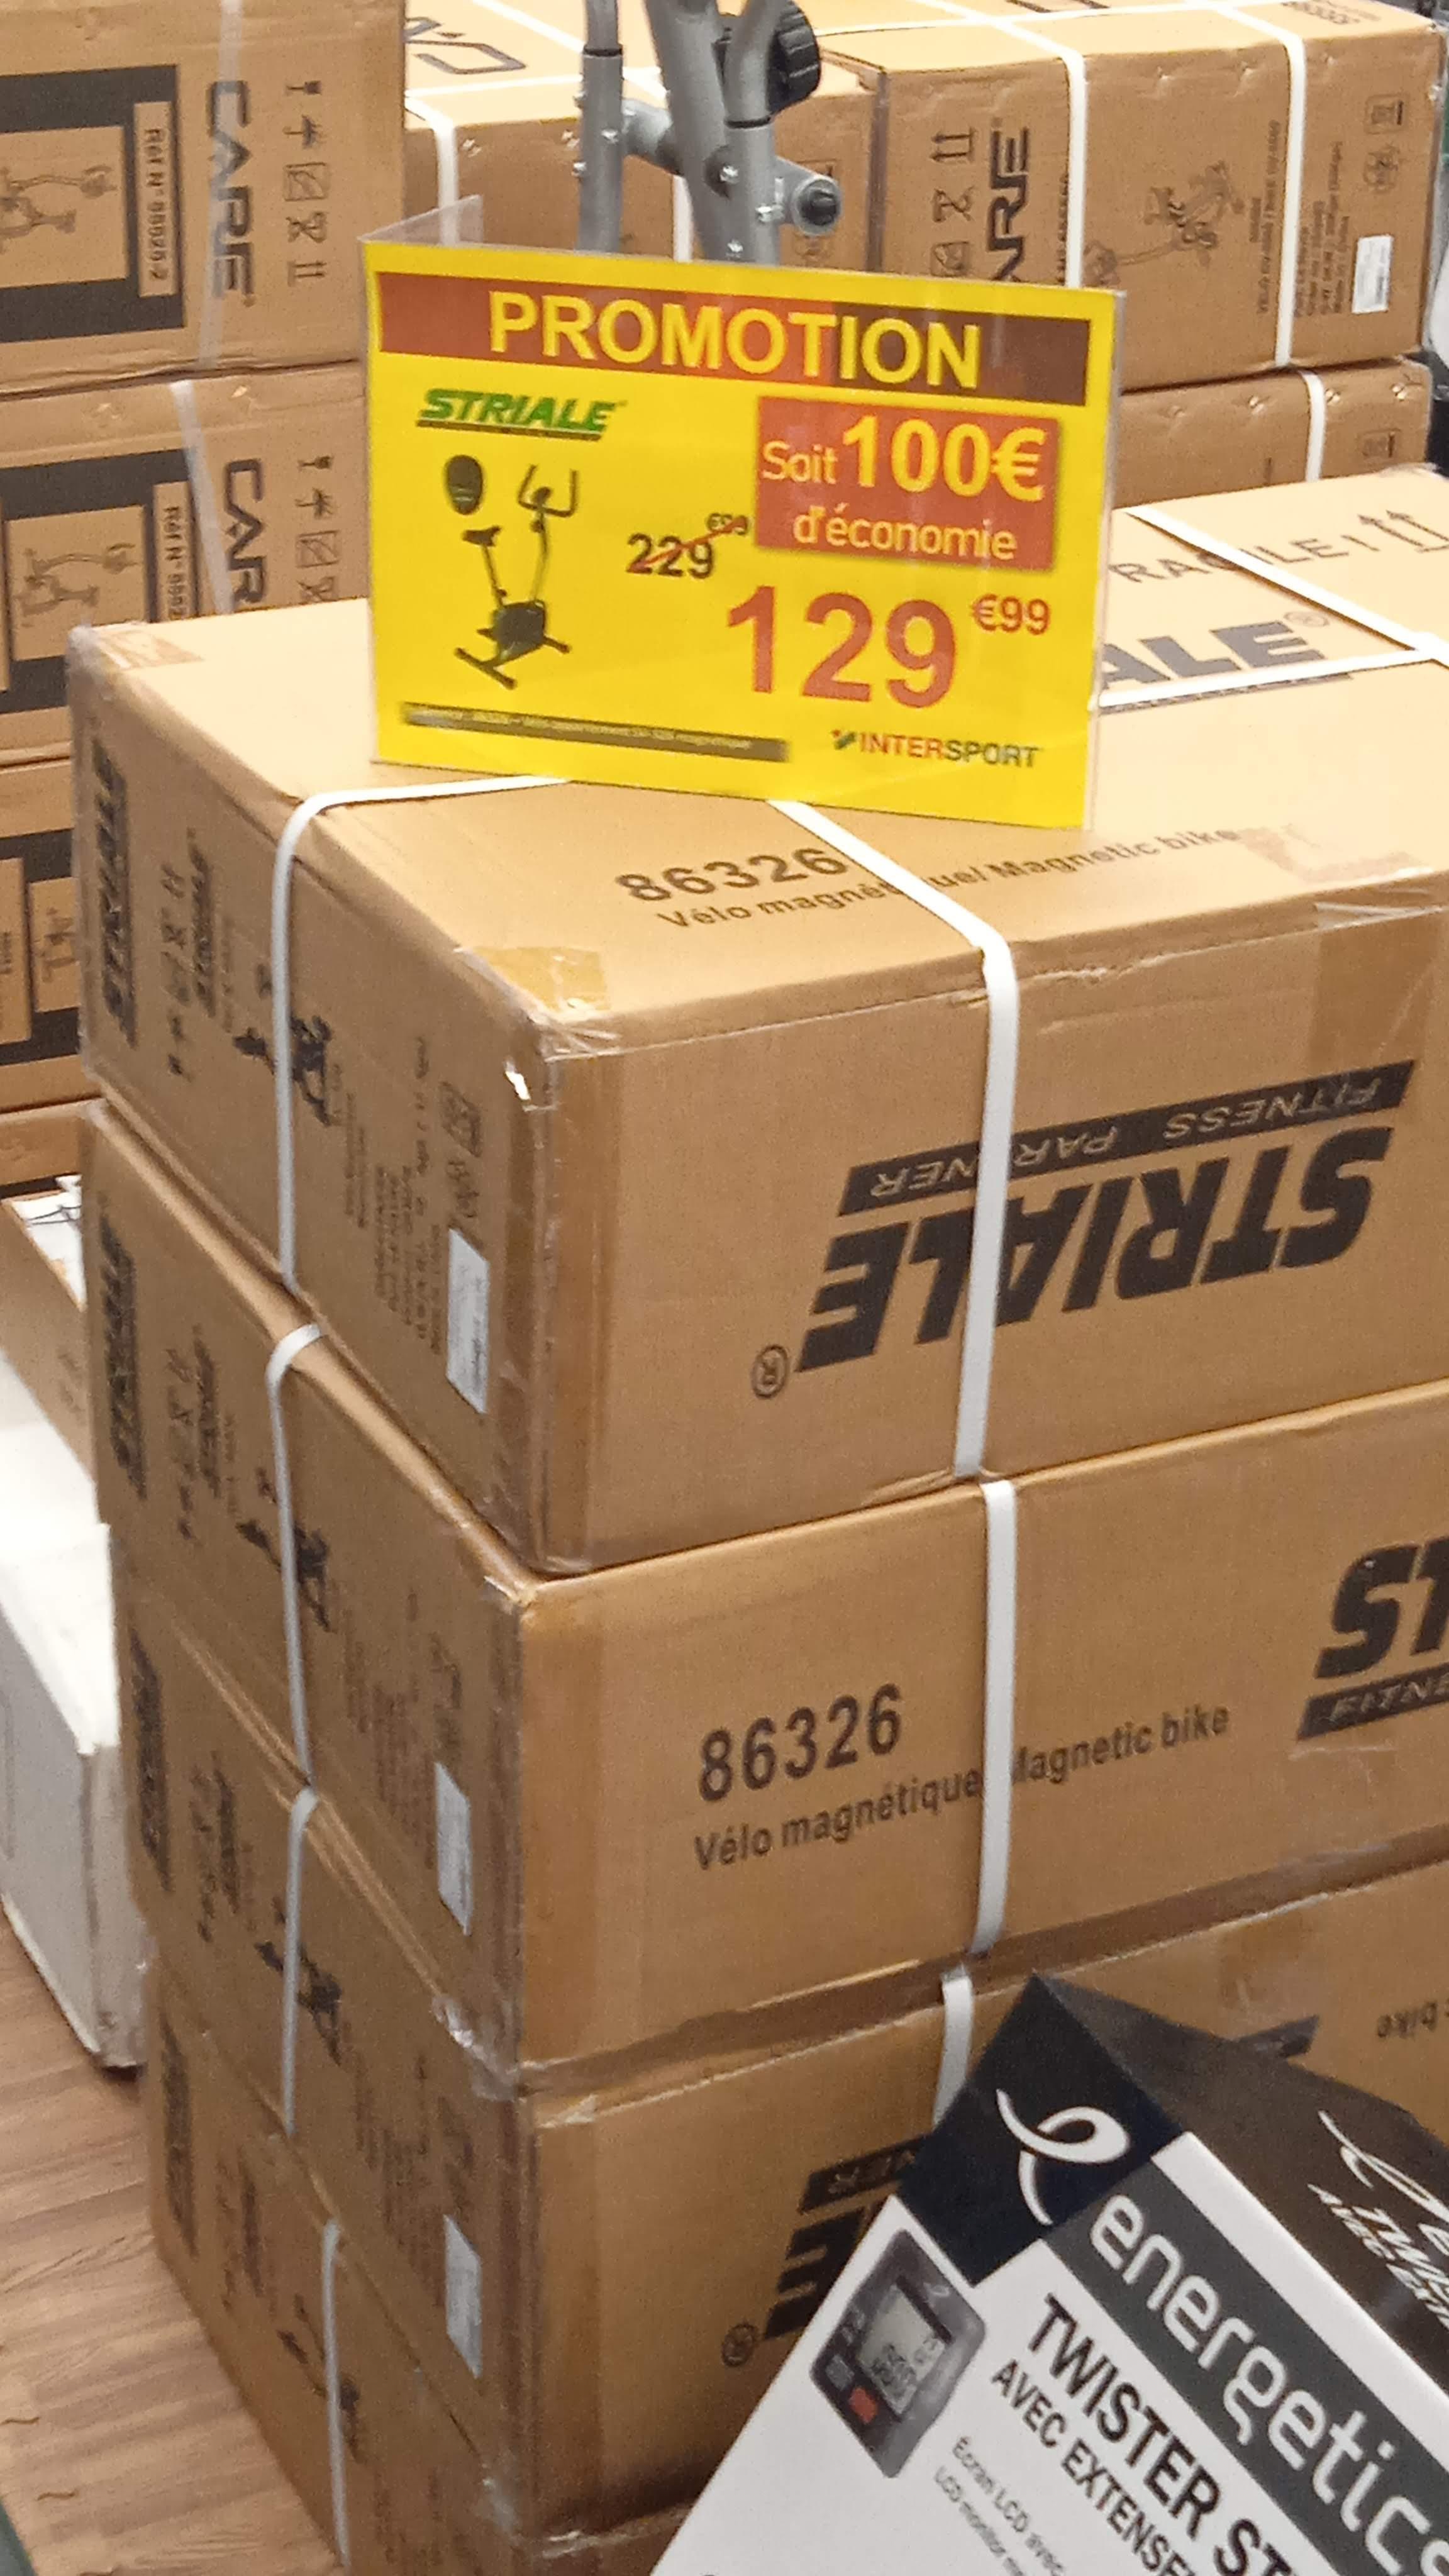 Vélo d'appartement Striale SV-326 - Intersport St-Jean-D'Angély (17)